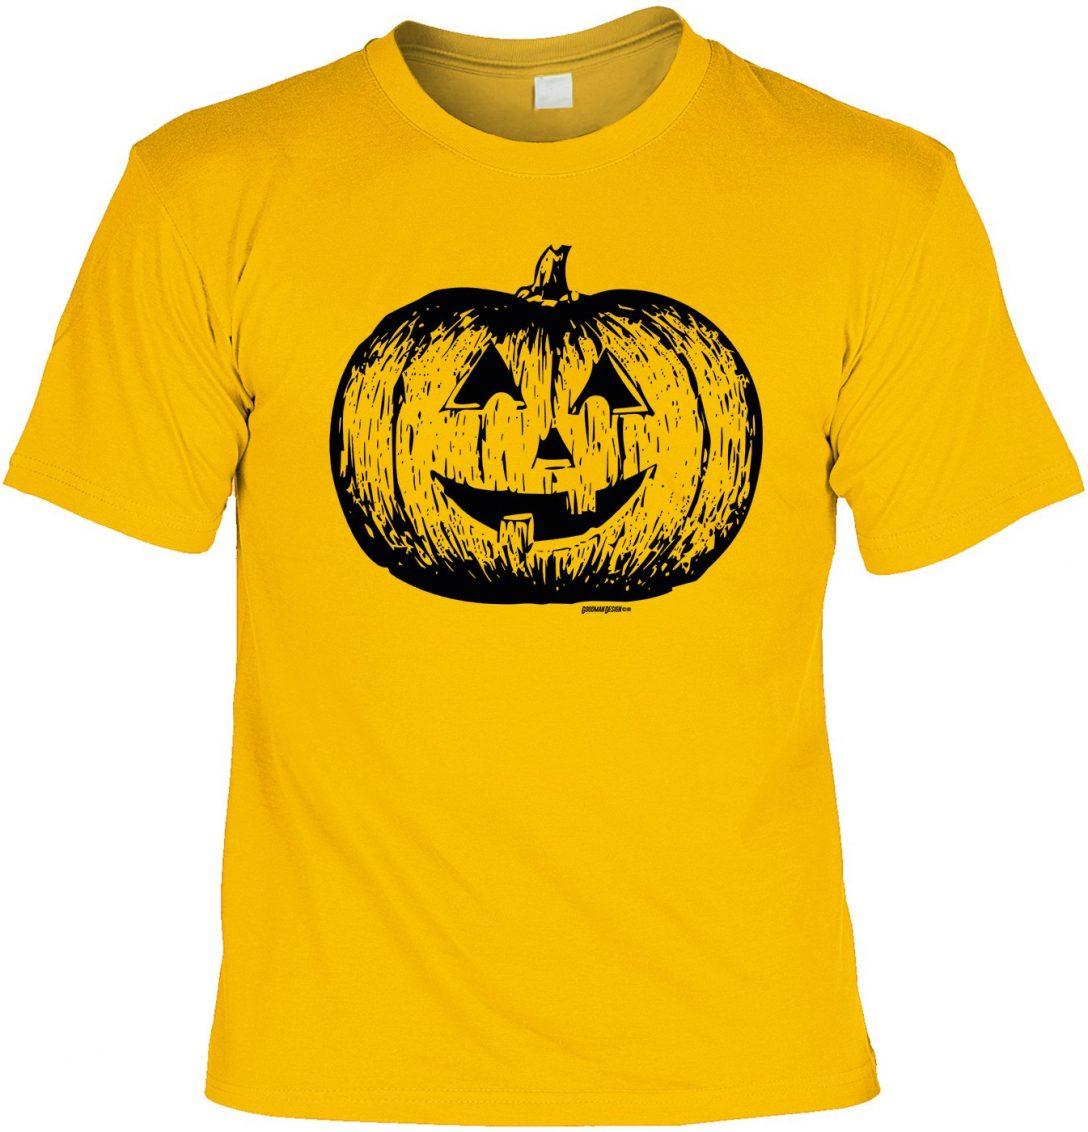 Large Size of Coole T Shirts Mit Sprüchen Coole T Shirts Sprüche Damen Coole Tshirt Sprüche Zum 18. Geburtstag Coole Sprüche Für Baby T Shirt Küche Coole T Shirt Sprüche